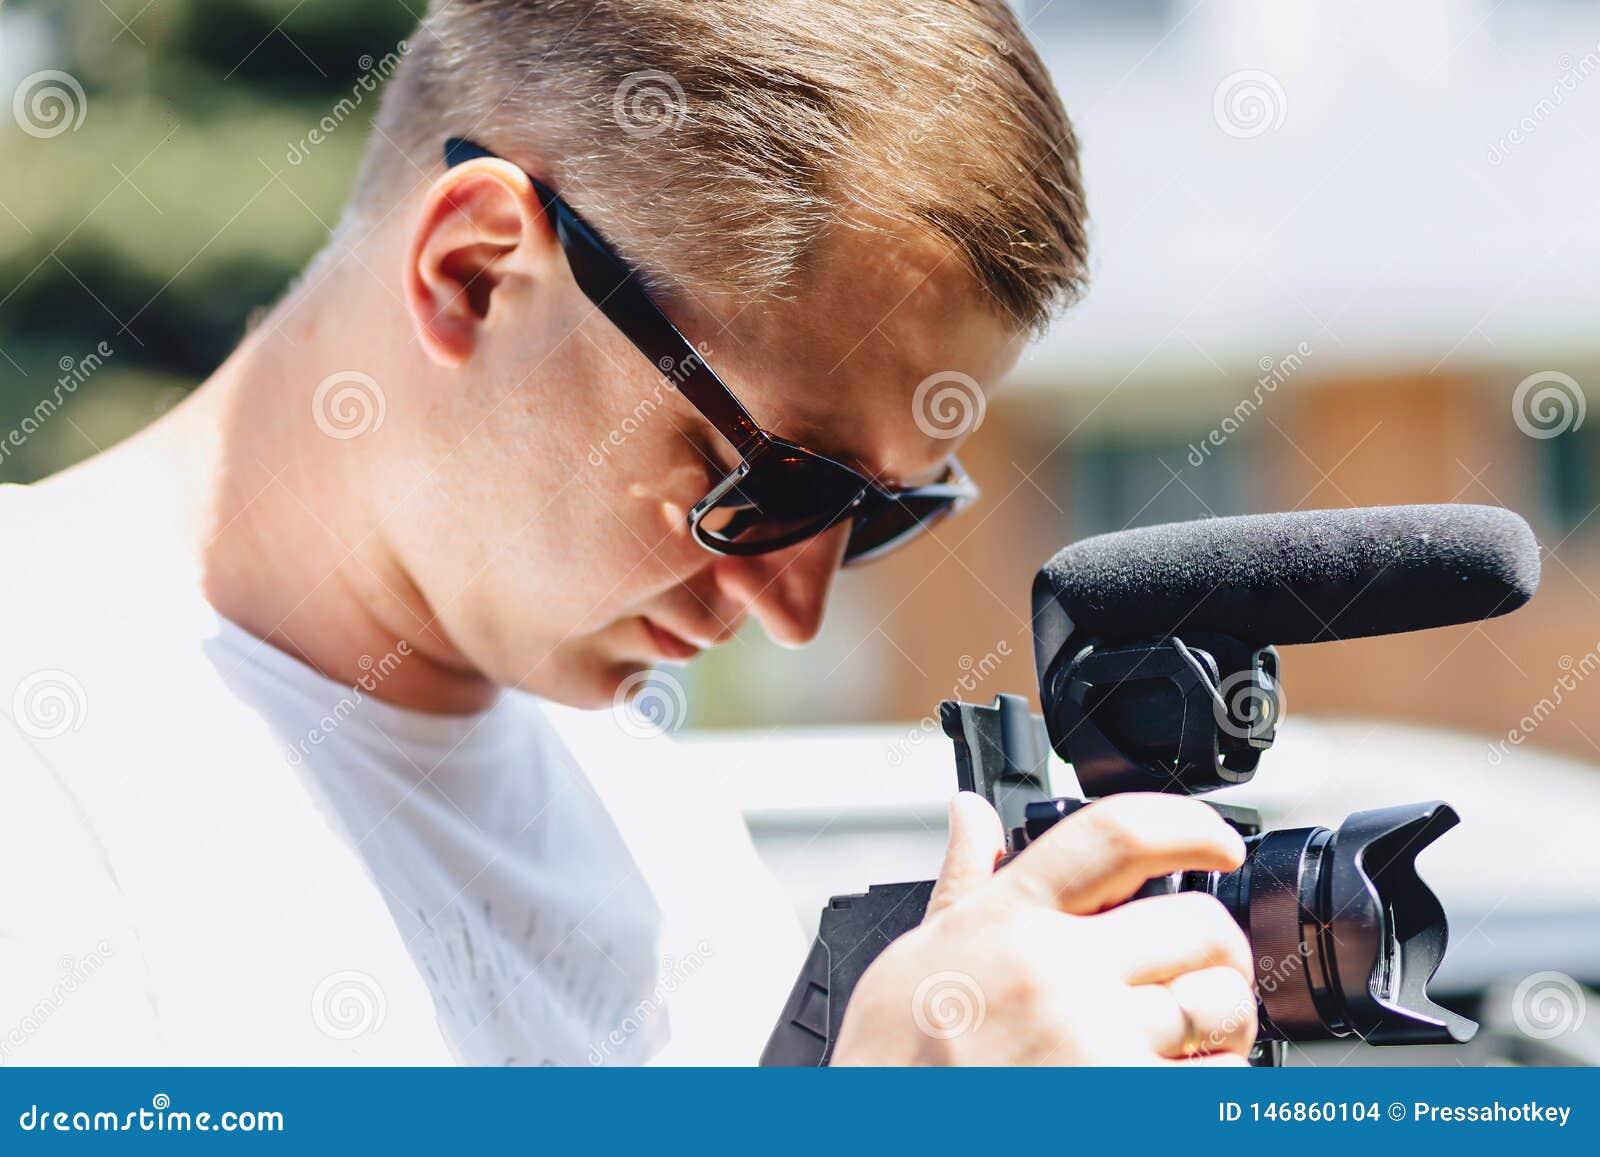 Kameramann mit einer Kamera auf einer Mono-hülse